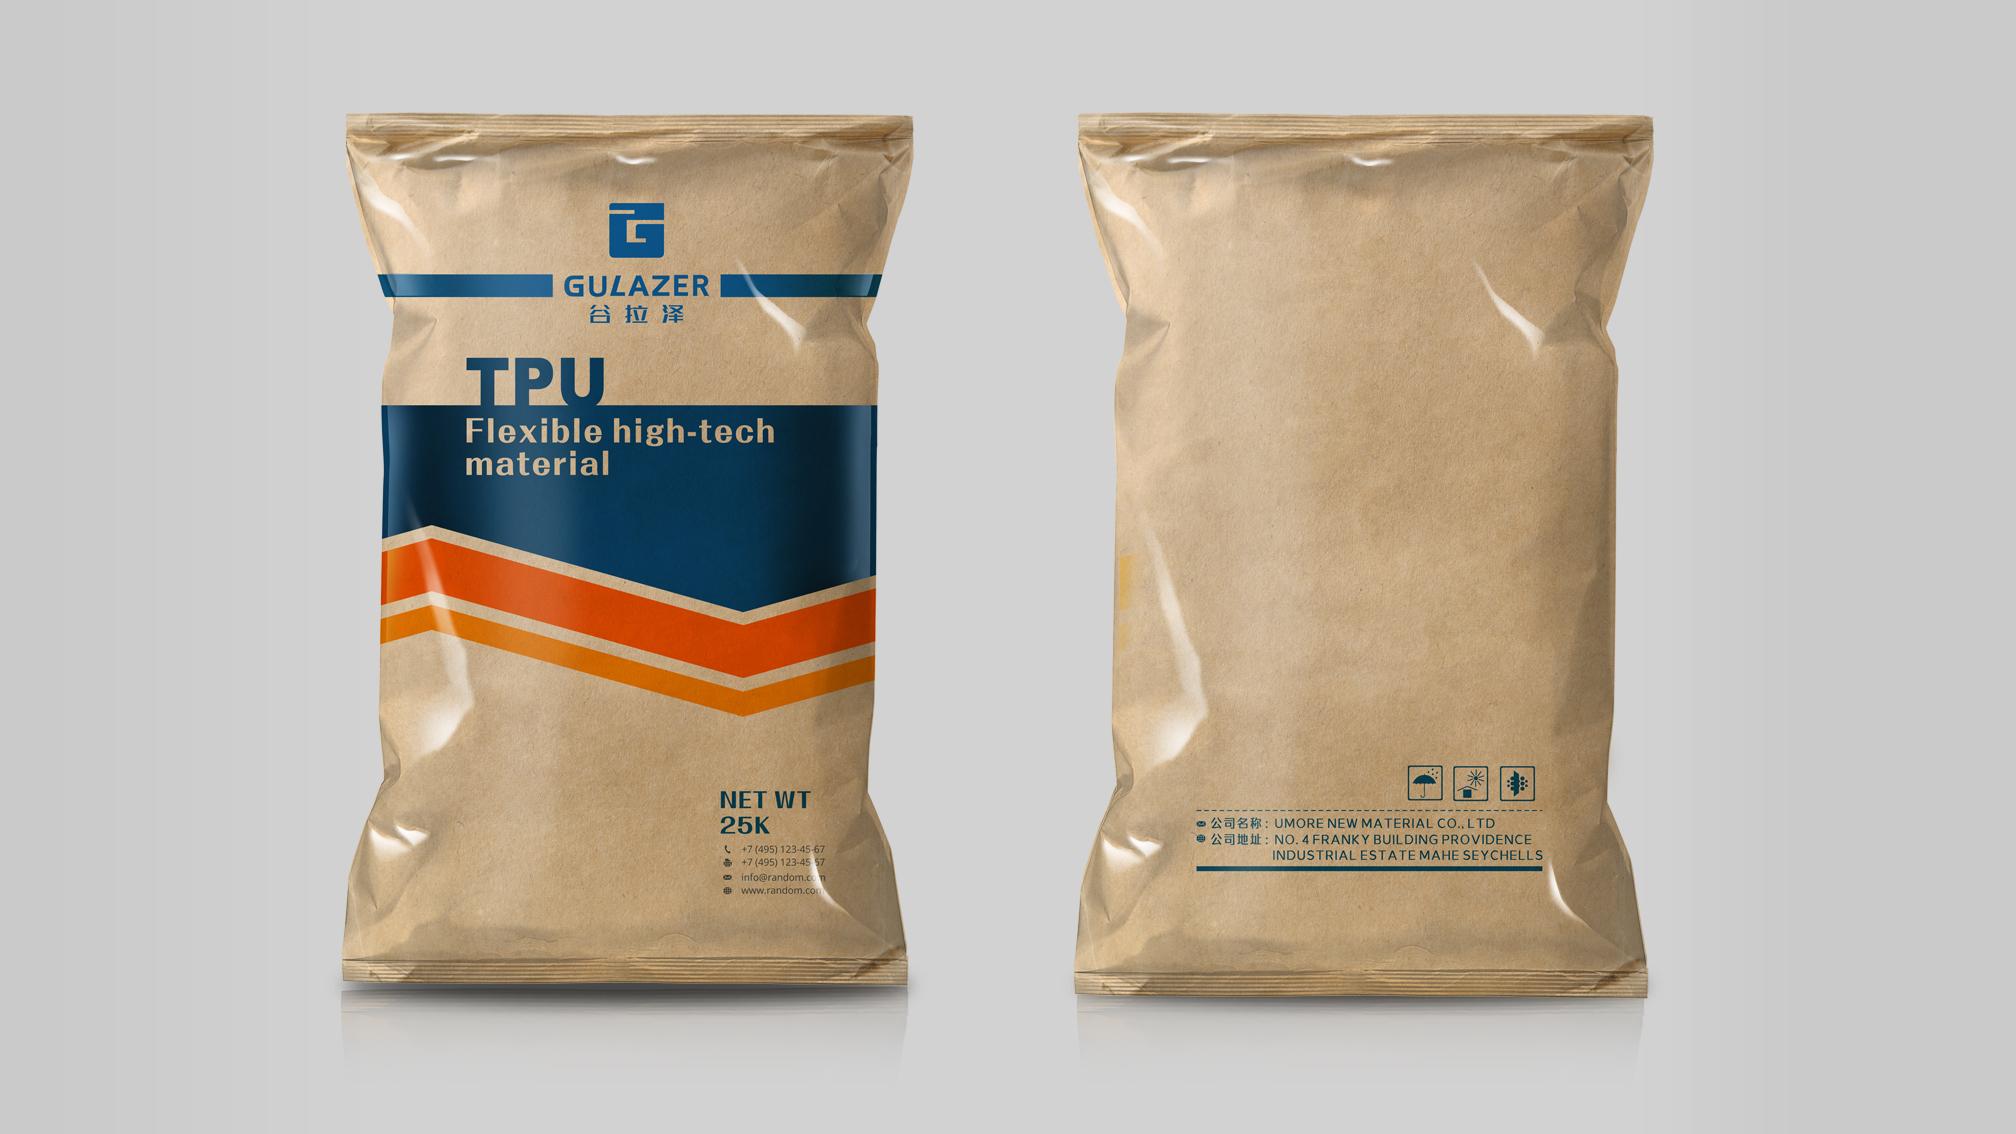 吉得塑膠品牌包裝設計